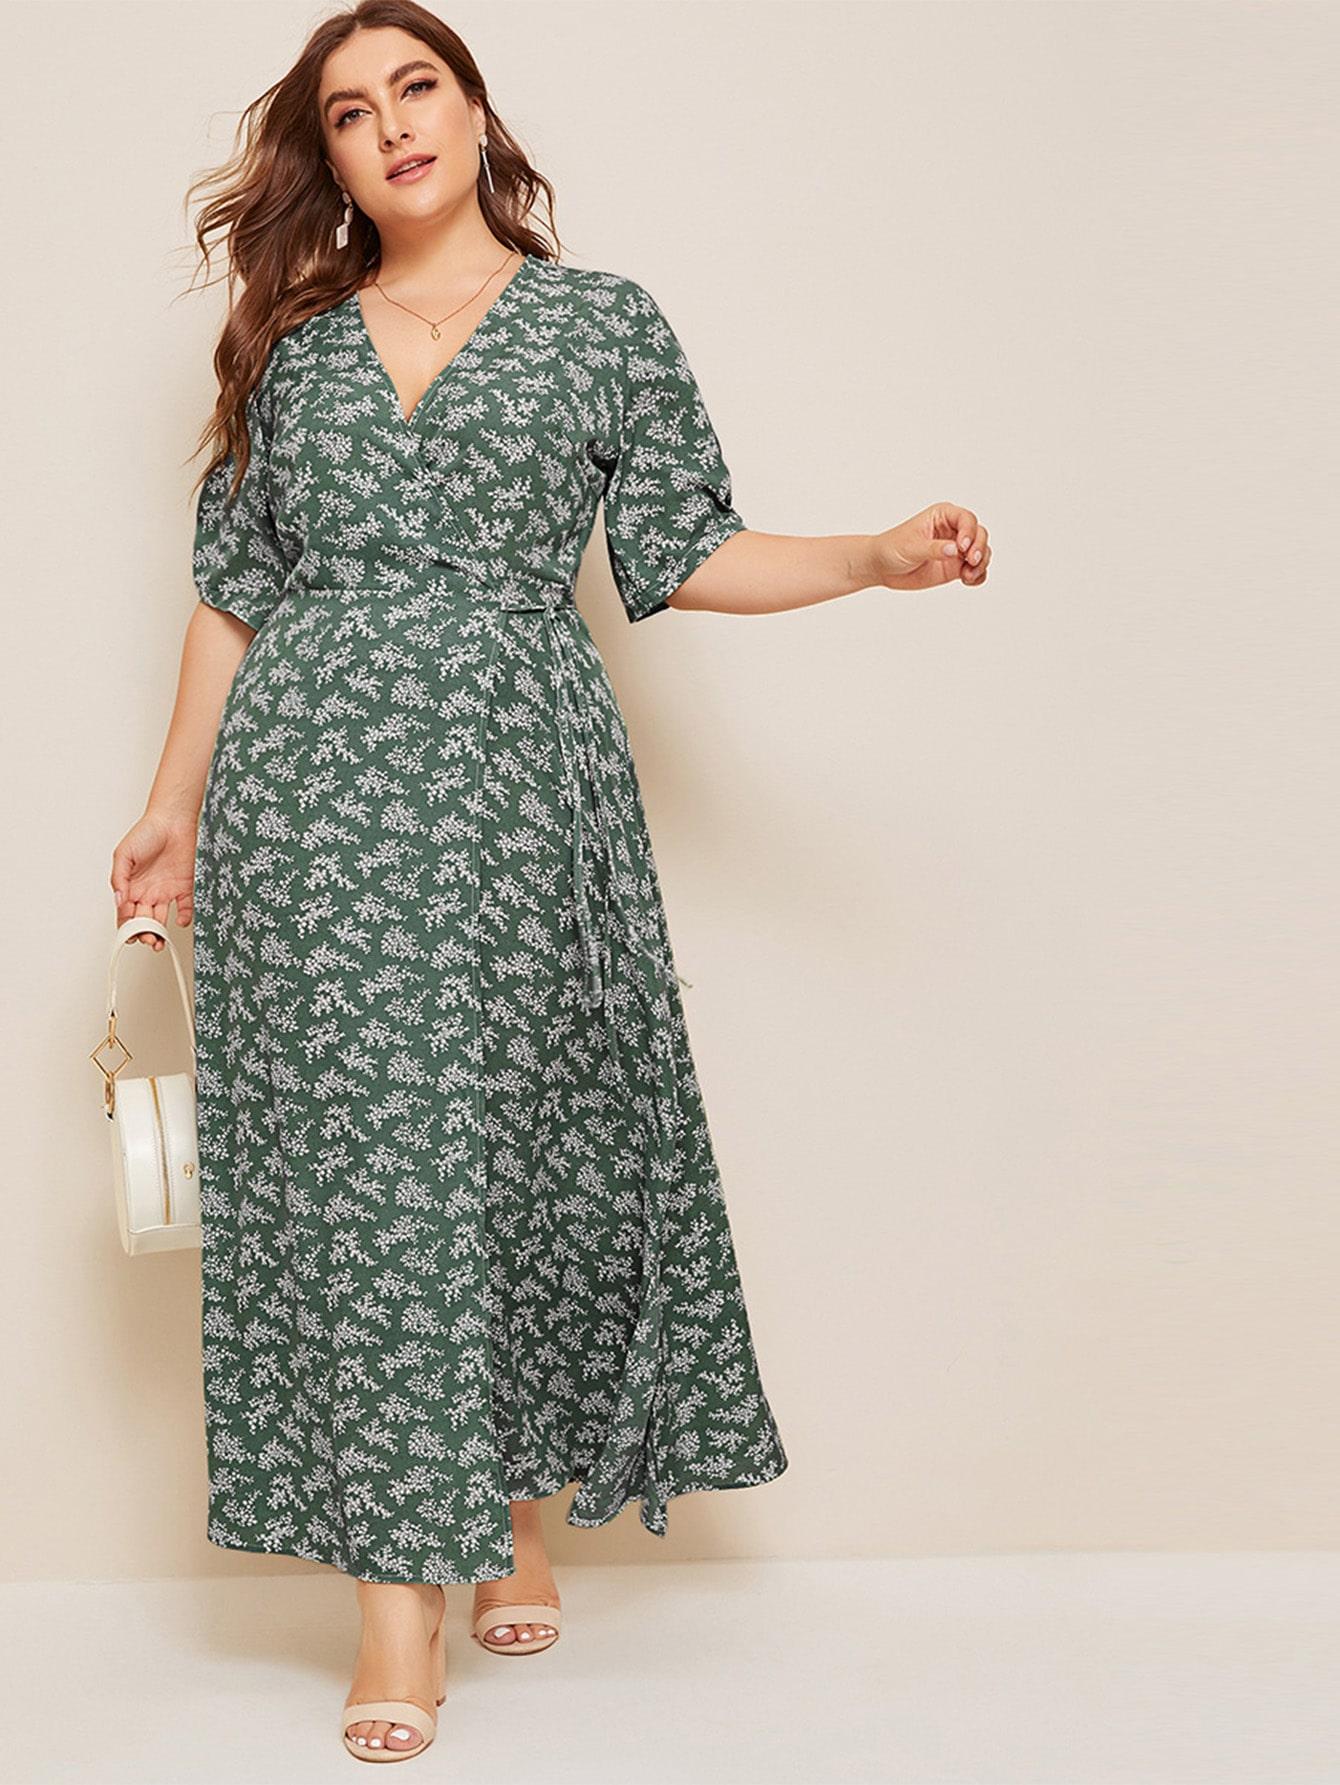 Платье на запах с узлом и цветочным принтом размера плюс